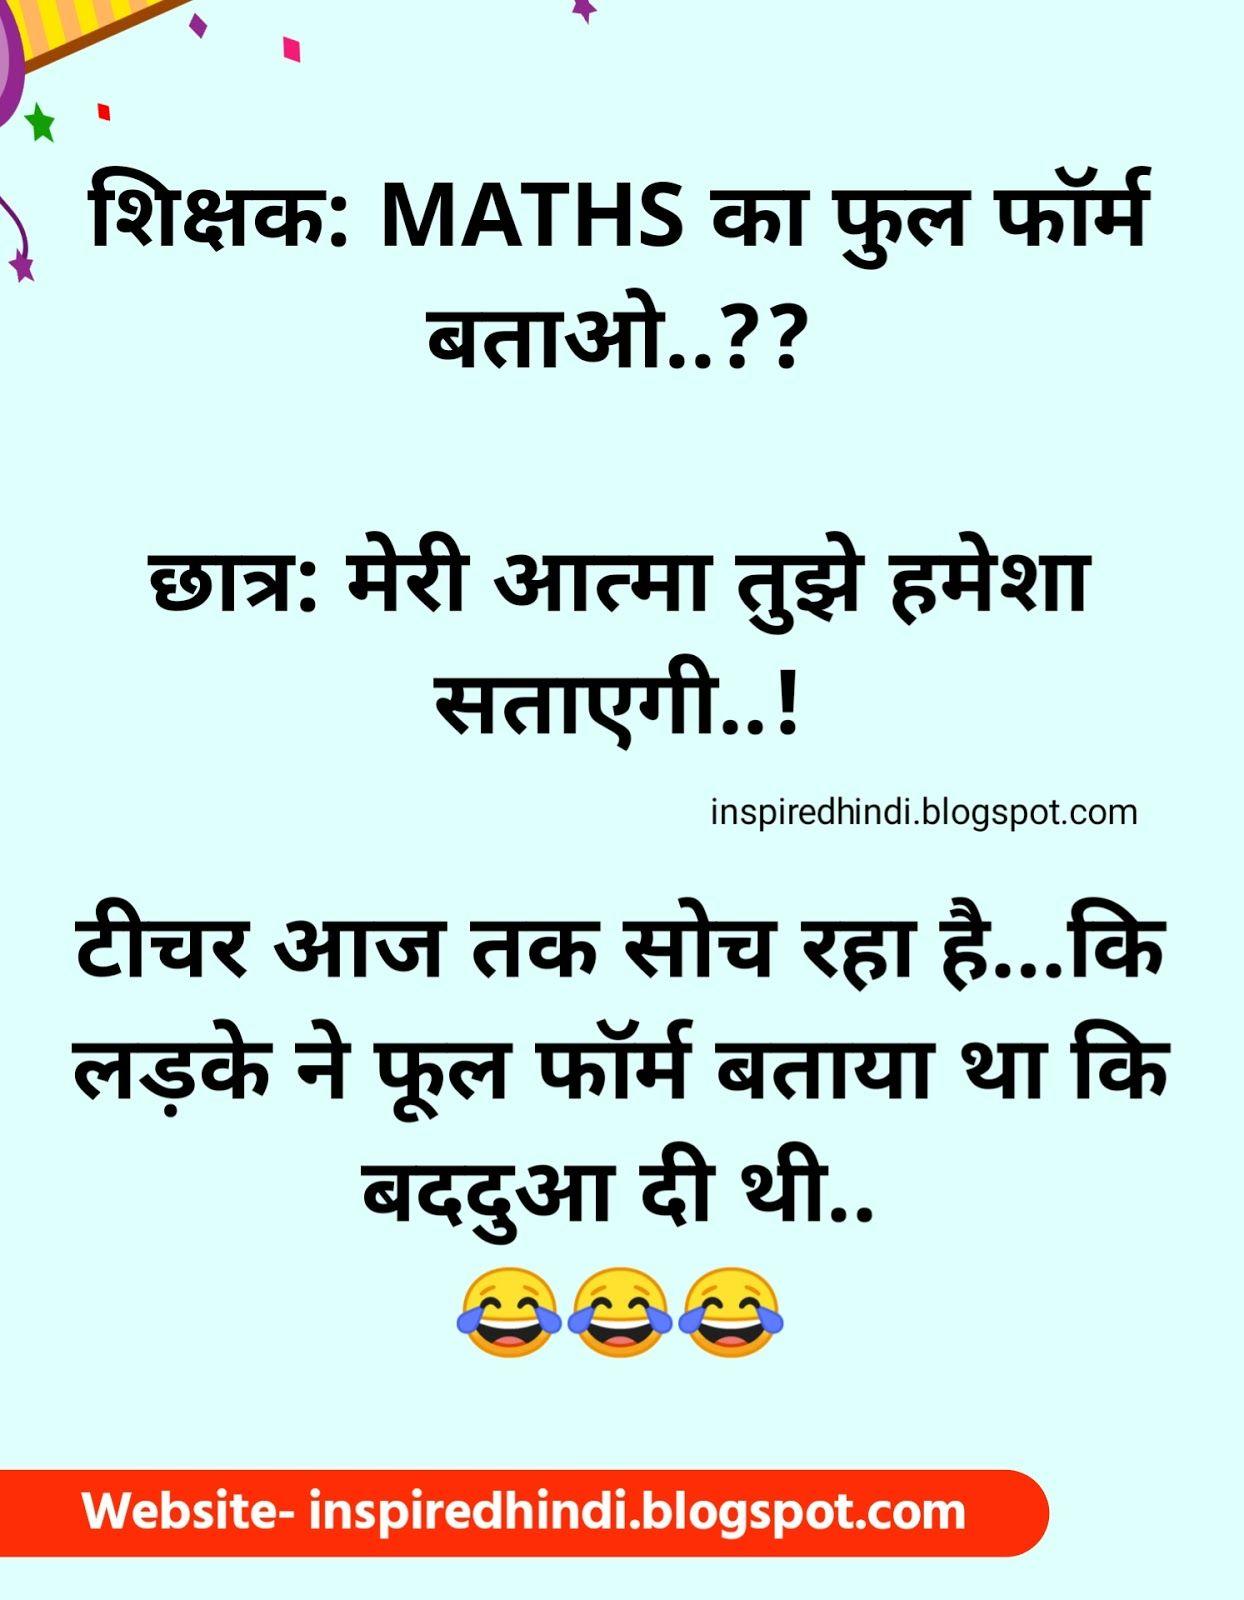 60 Latest Funny Jokes In Hindi Jokes In Hindi With Images Hindi Jokes Inspiredhindi Funny Jokes In Hindi Fun Quotes Funny Some Funny Jokes